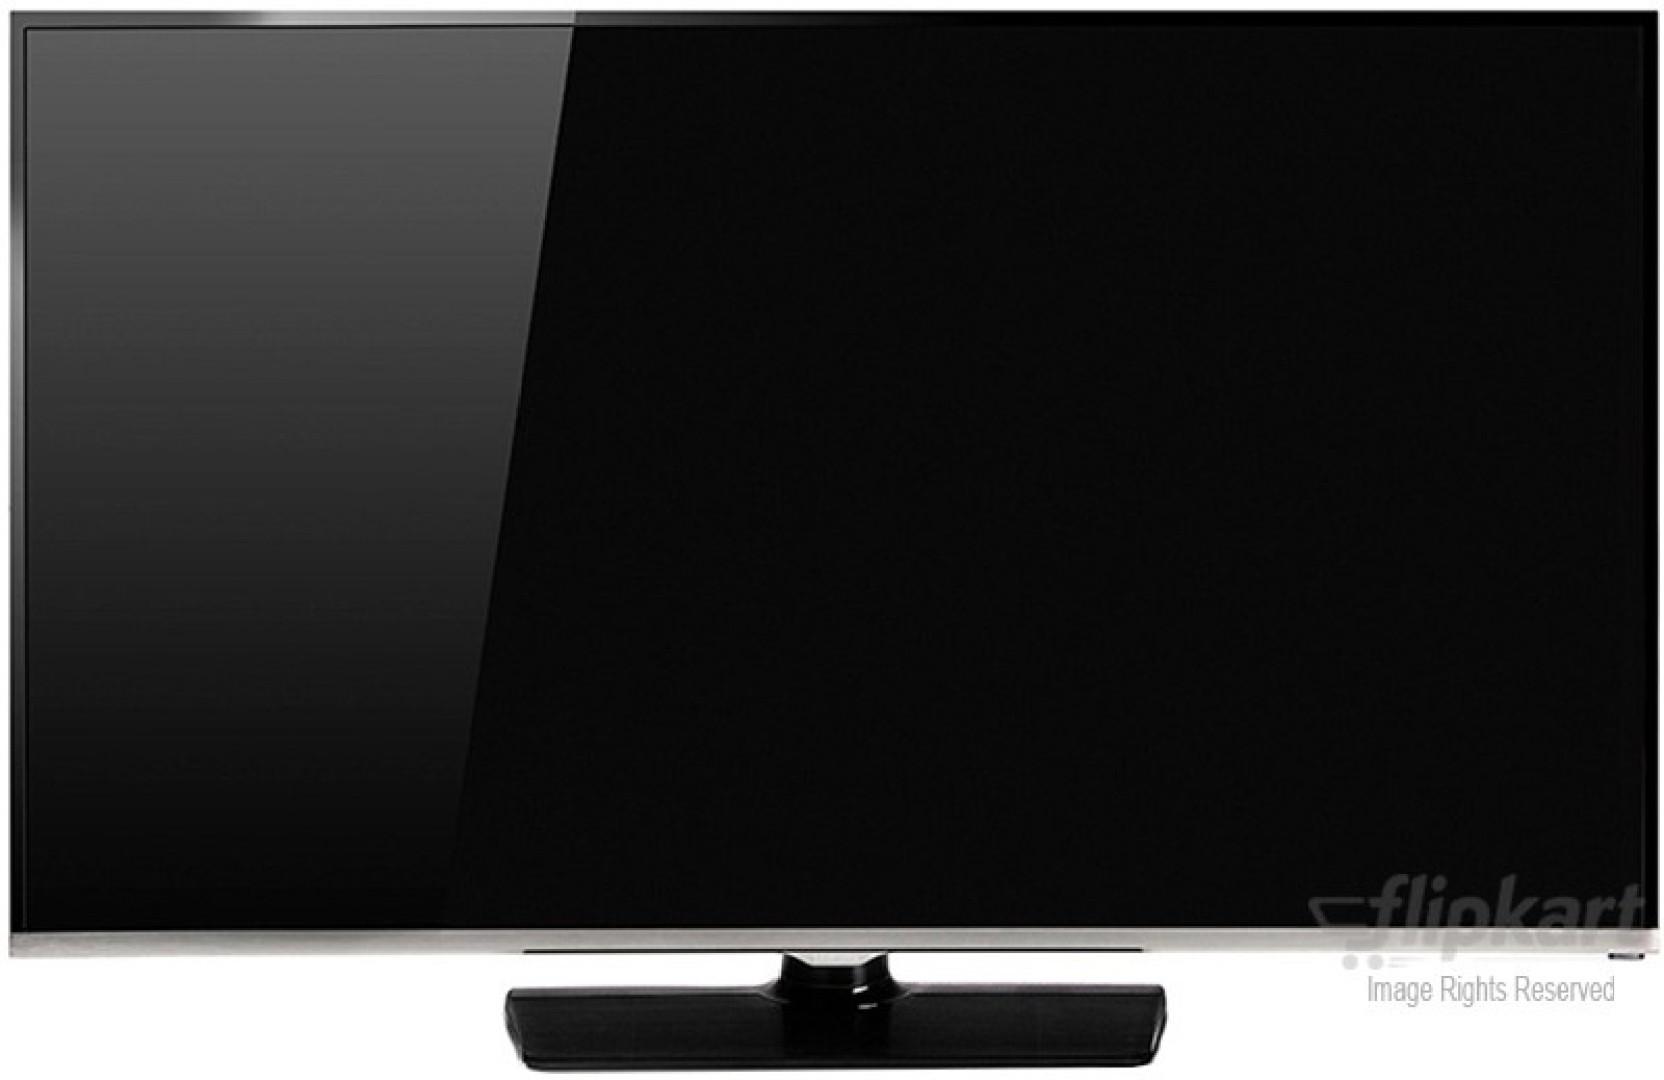 samsung 81cm 32 inch full hd led tv online at best. Black Bedroom Furniture Sets. Home Design Ideas